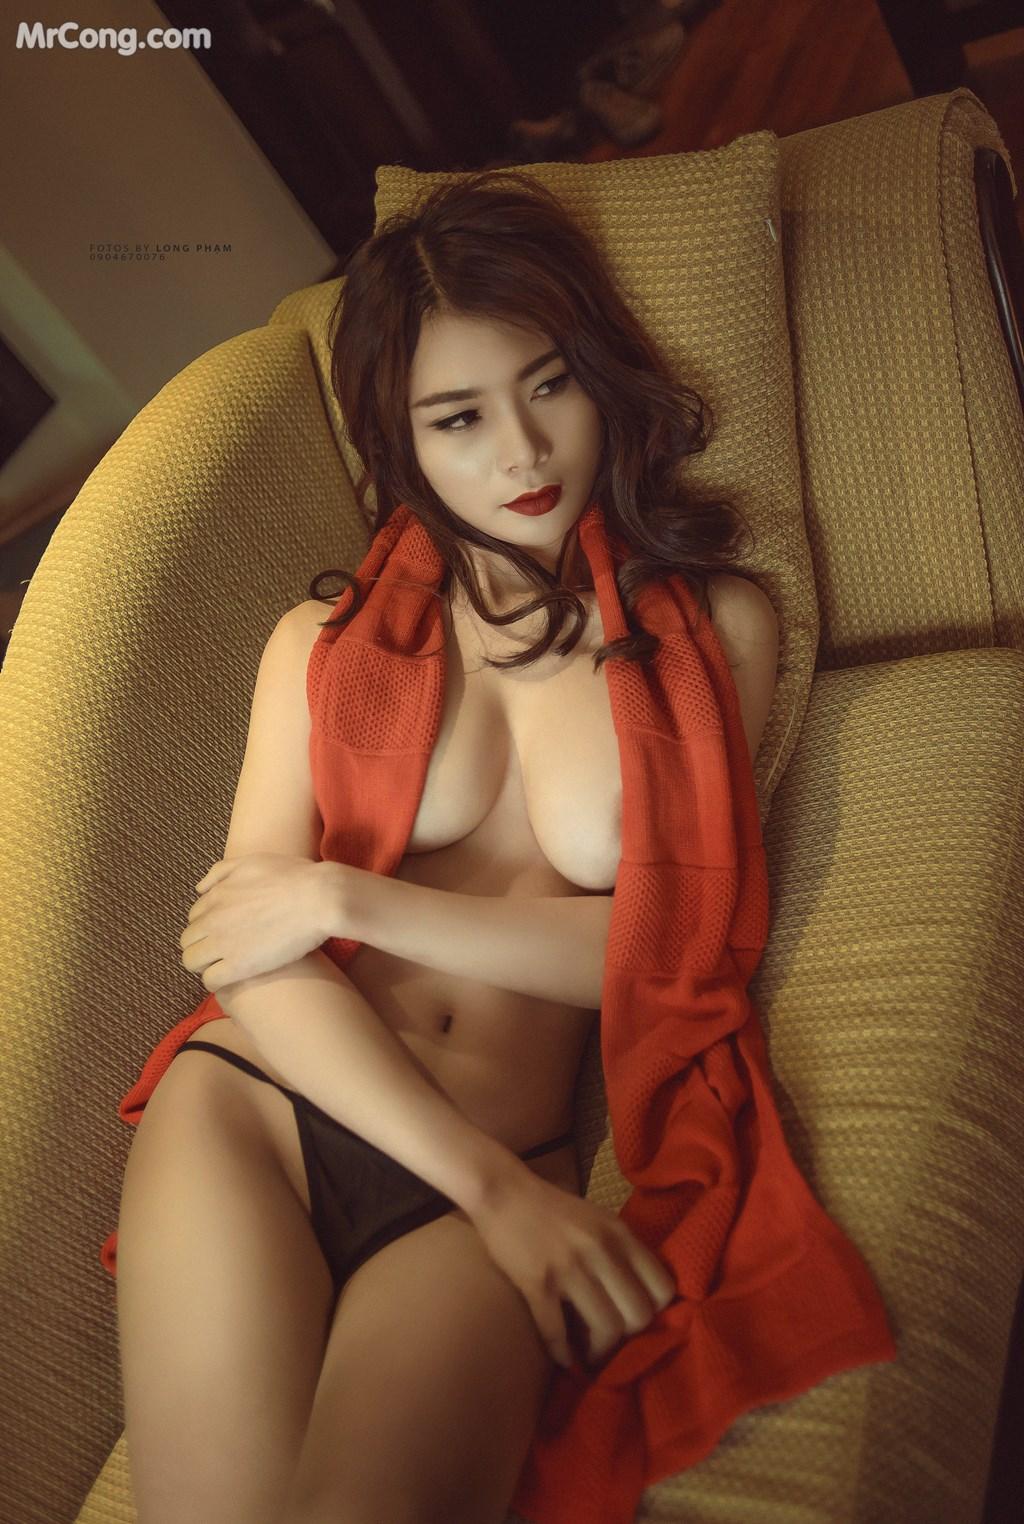 Image Girl-xinh-Viet-Nam-by-Long-Pham-P1-MrCong.com-005 in post Gái Việt xinh đẹp và nóng bỏng qua góc chụp của Long Phạm - Phần 1 (405 ảnh)